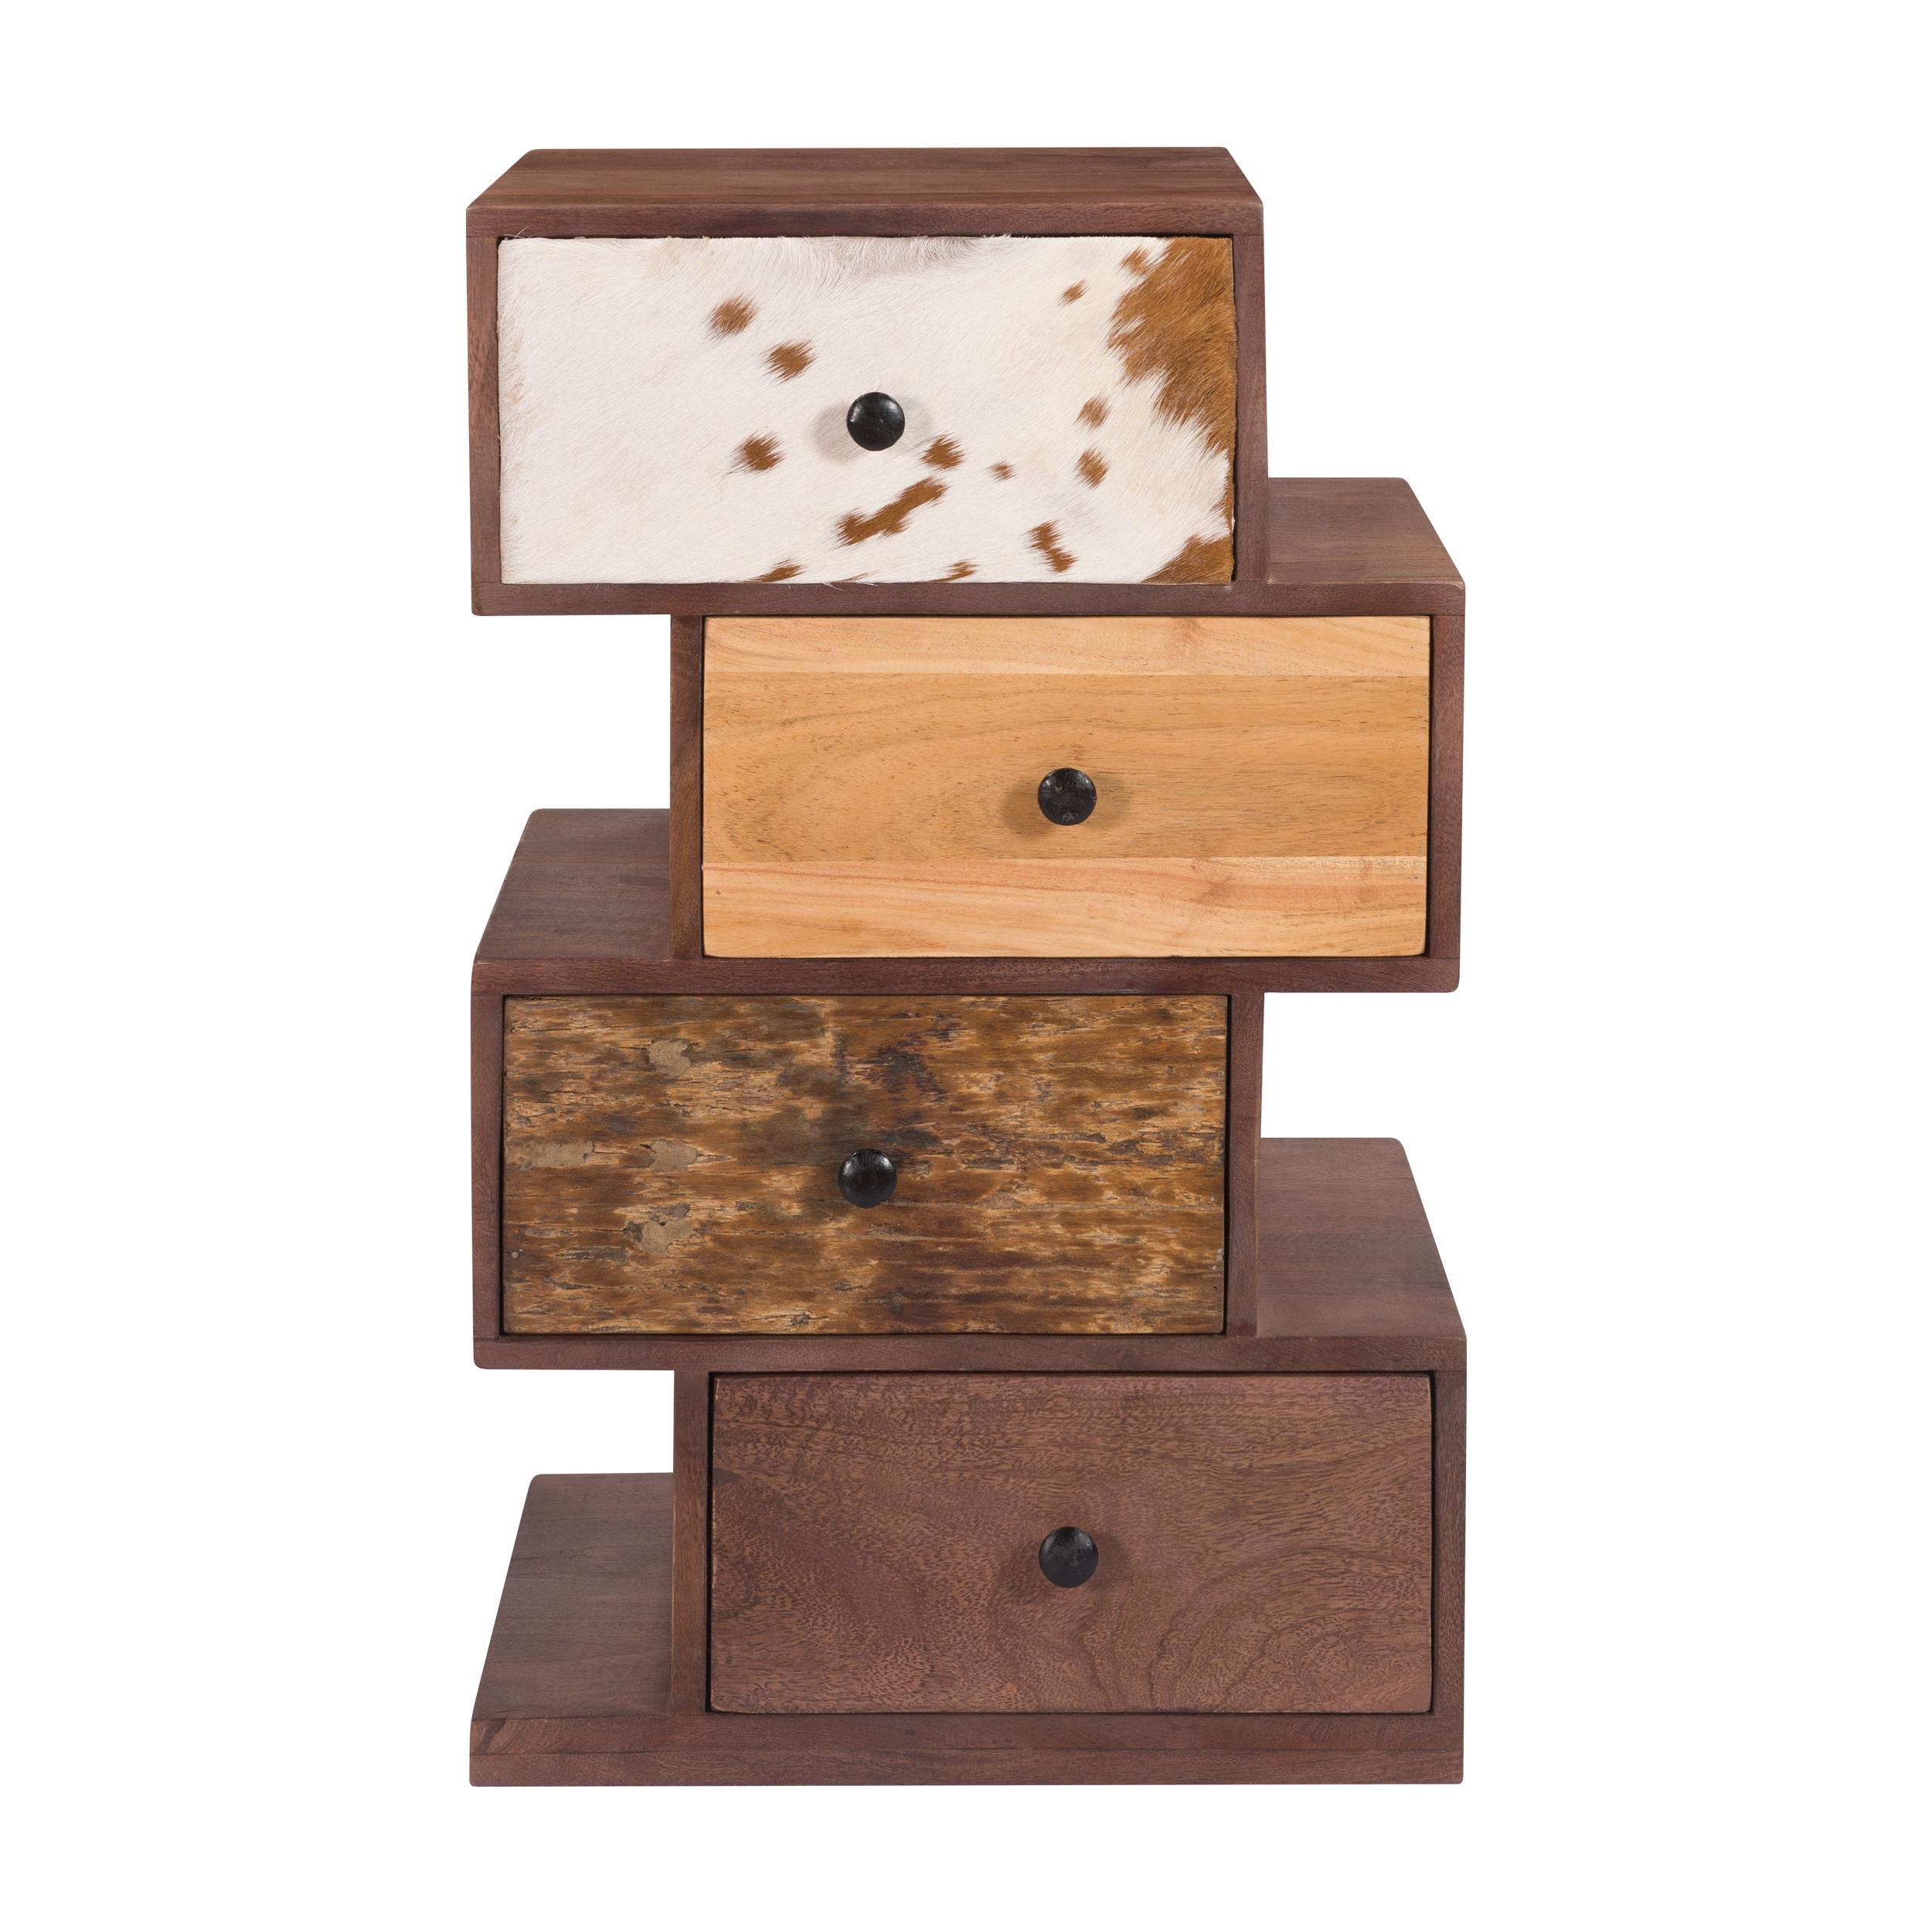 Chiffonnier zigzag 4 tiroirs en bois recyclé et cuir